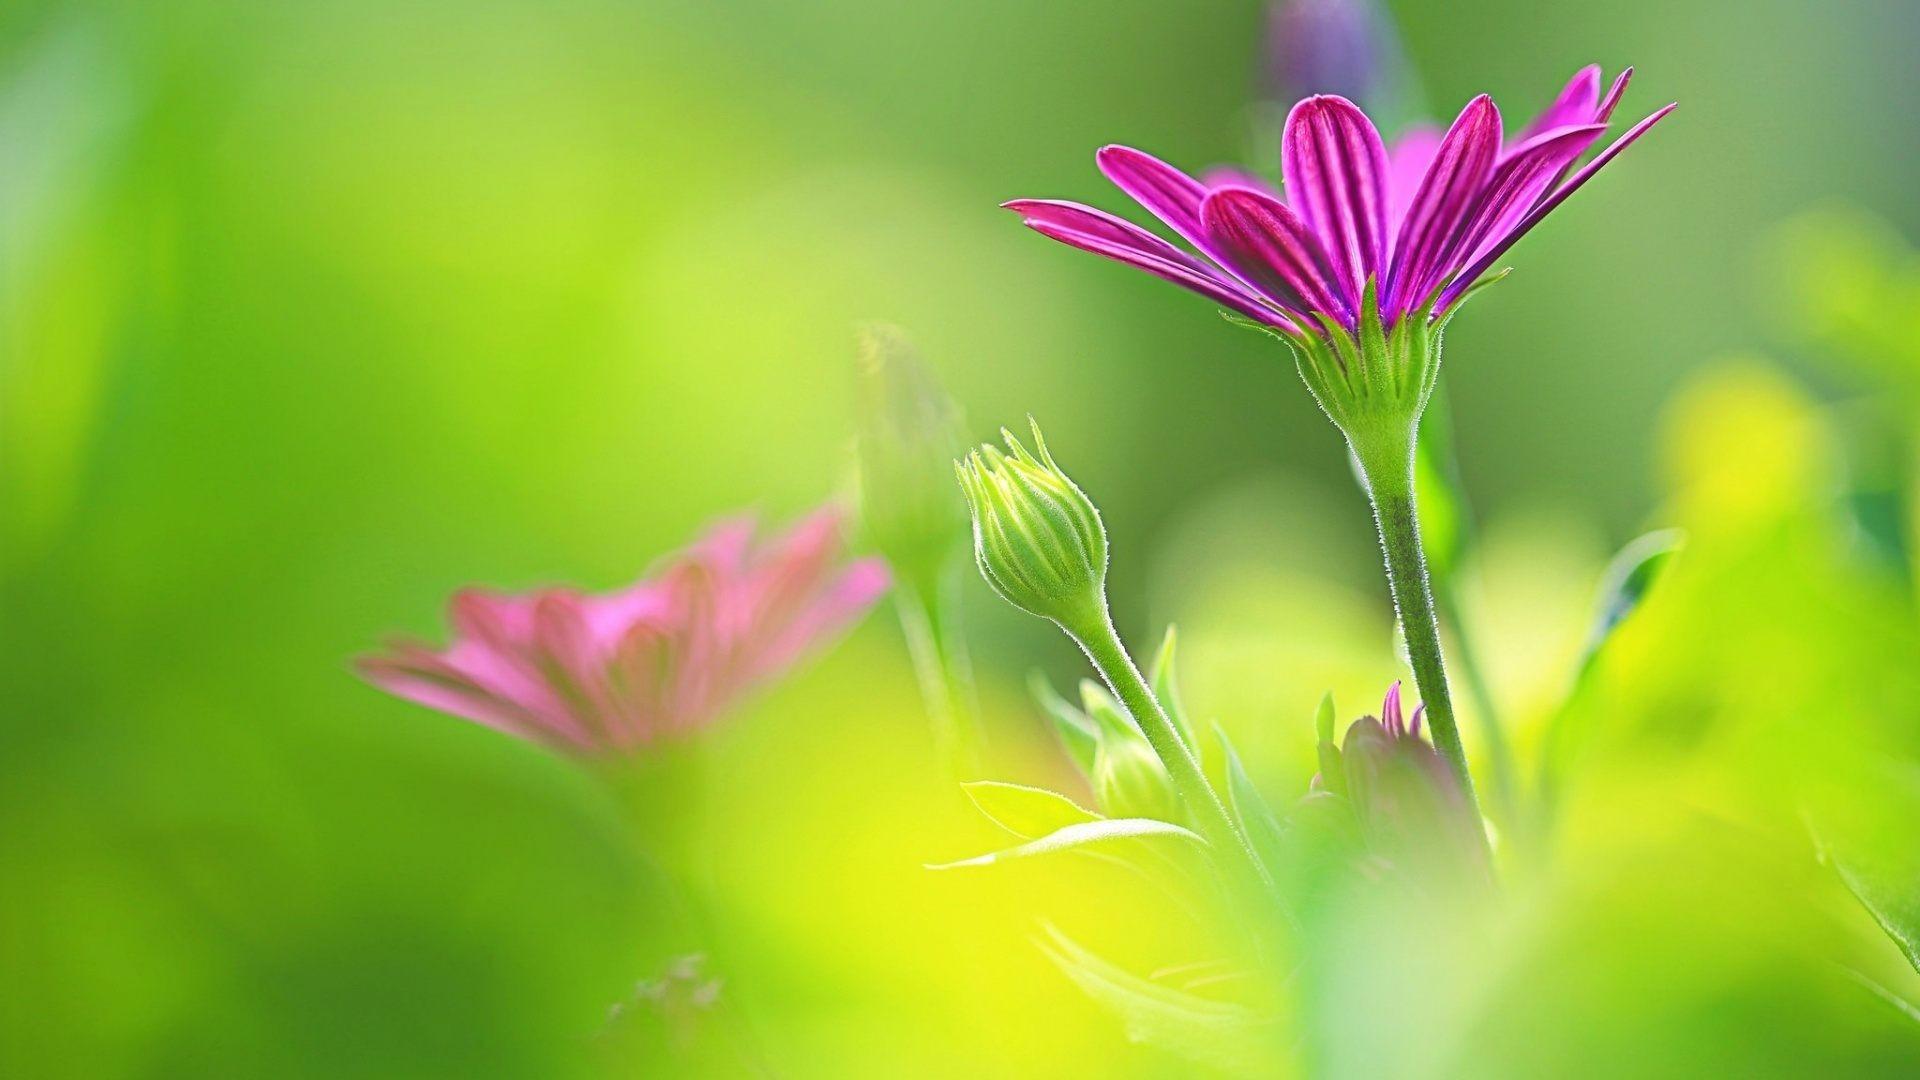 Purple Flower Daisy Green Background Wallpaper